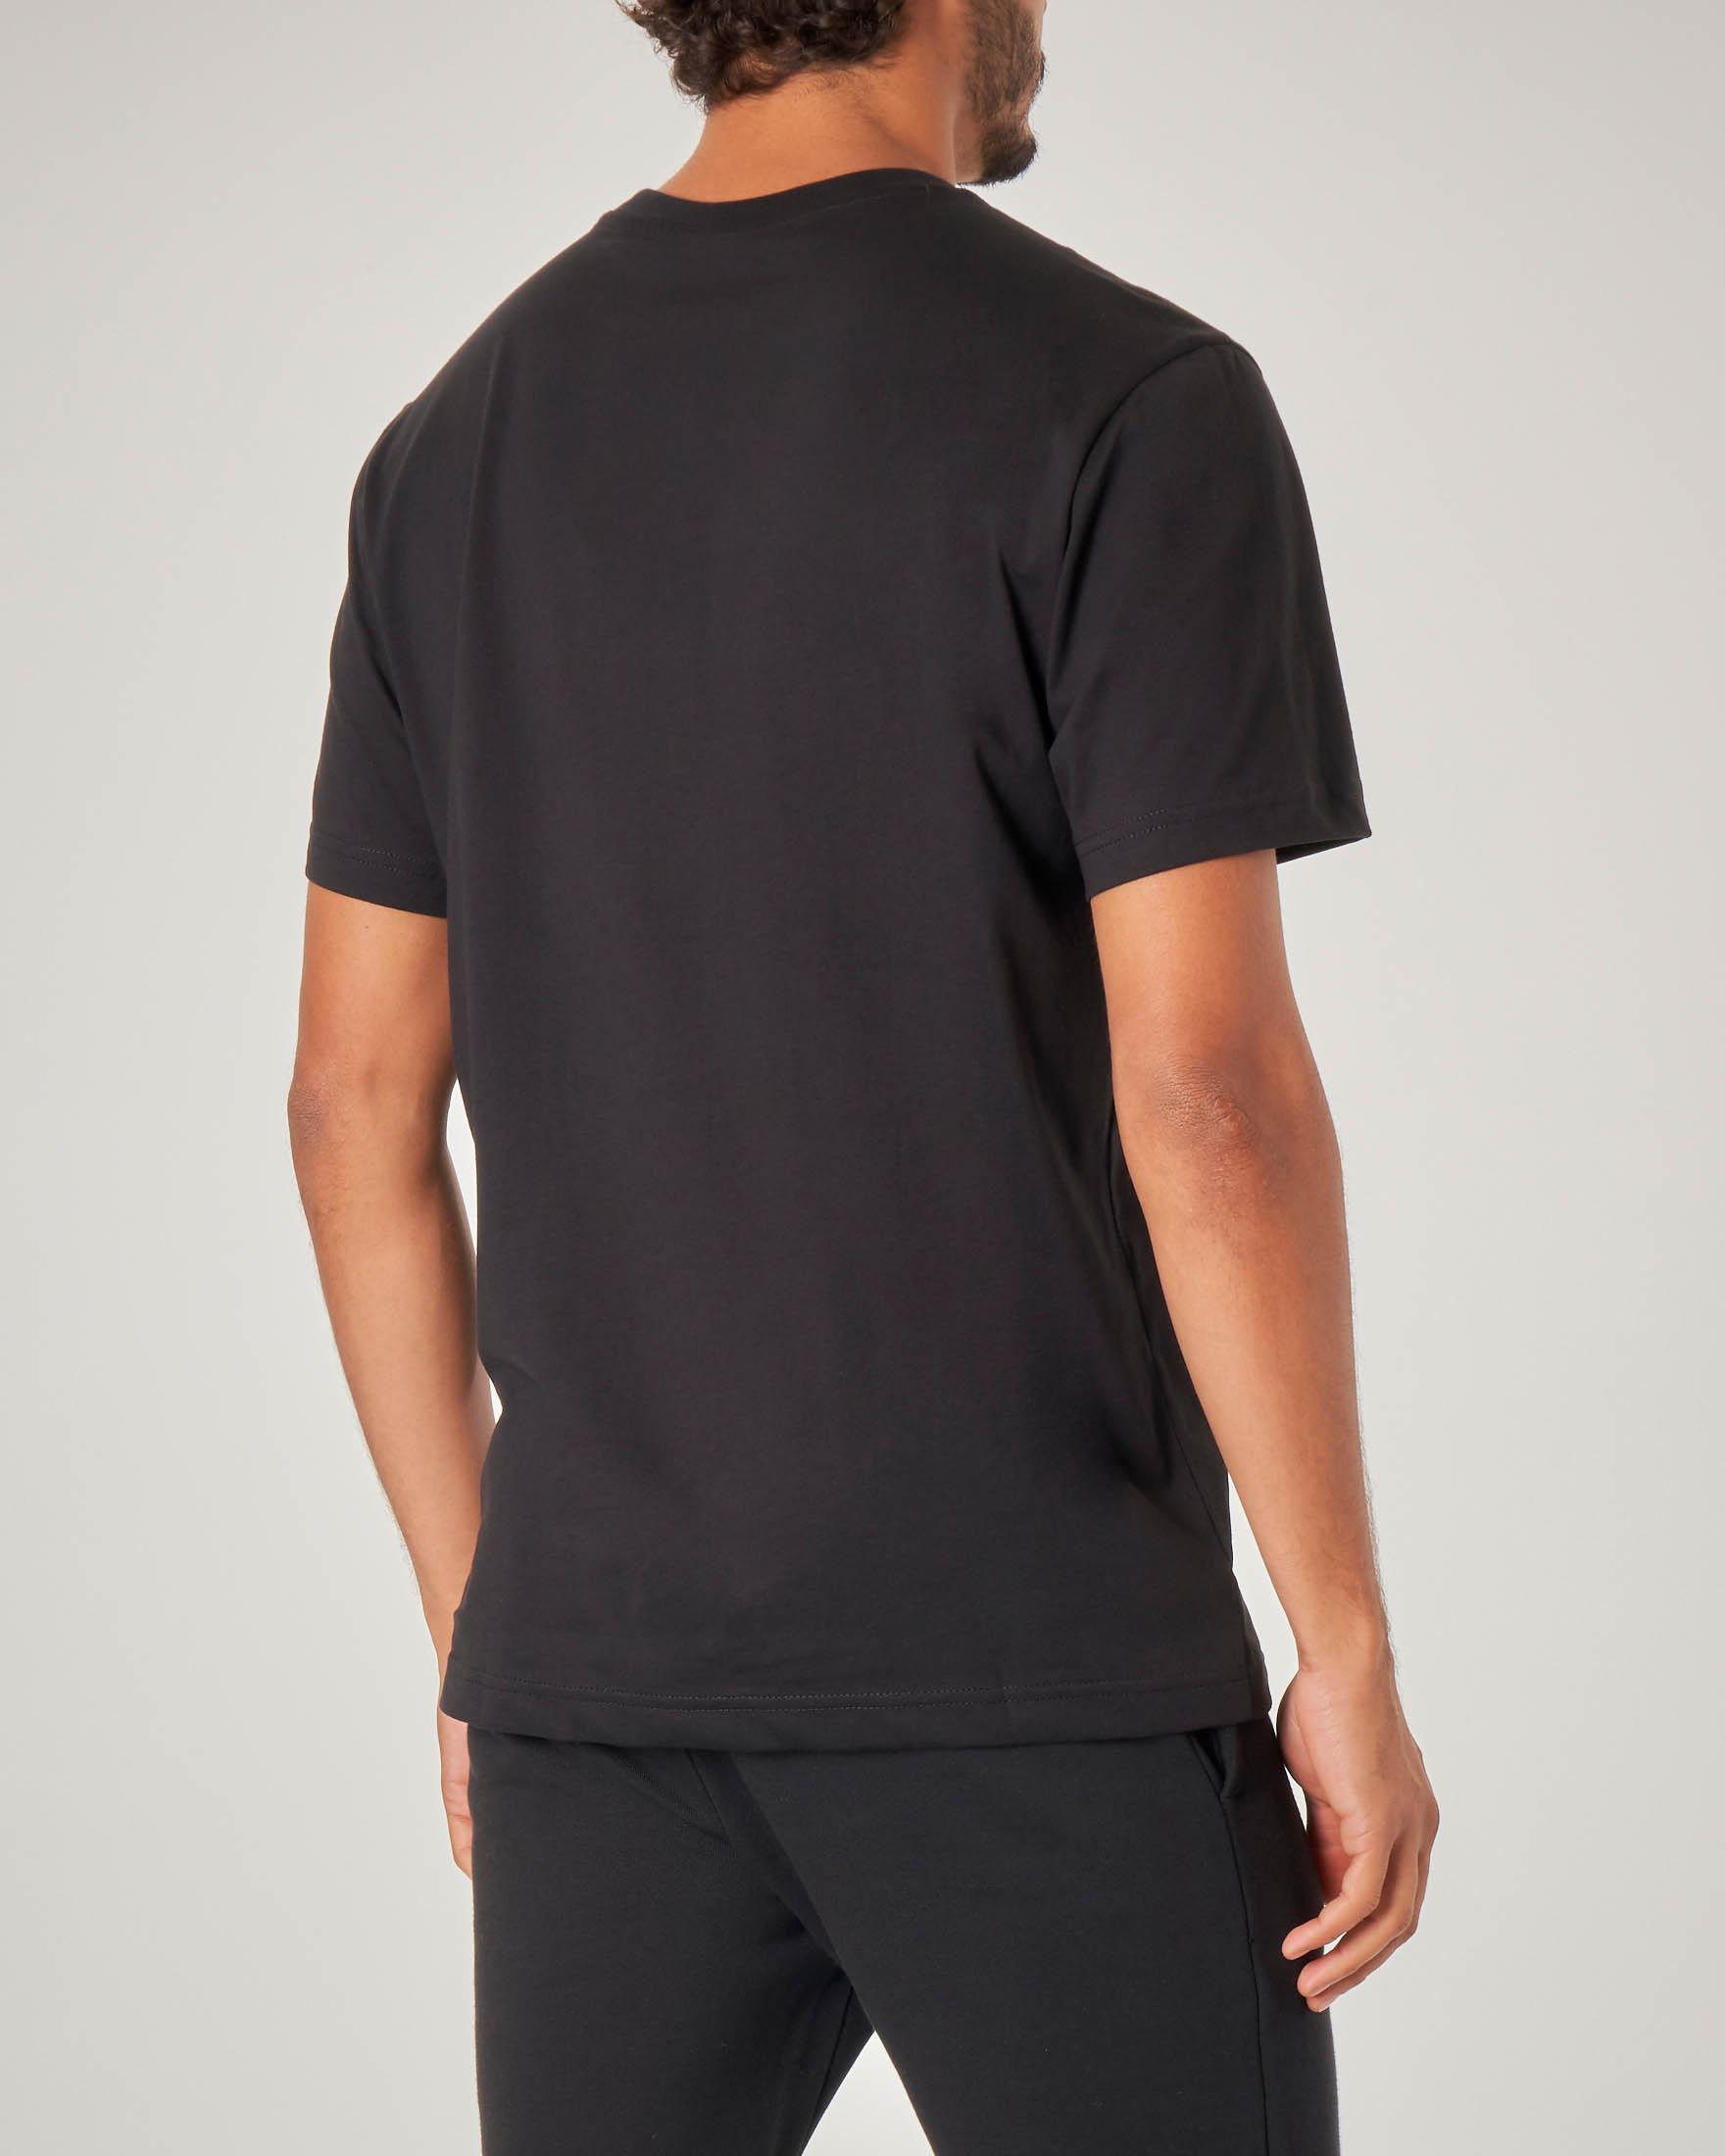 T-shirt nera mezza manica con logo in spugna